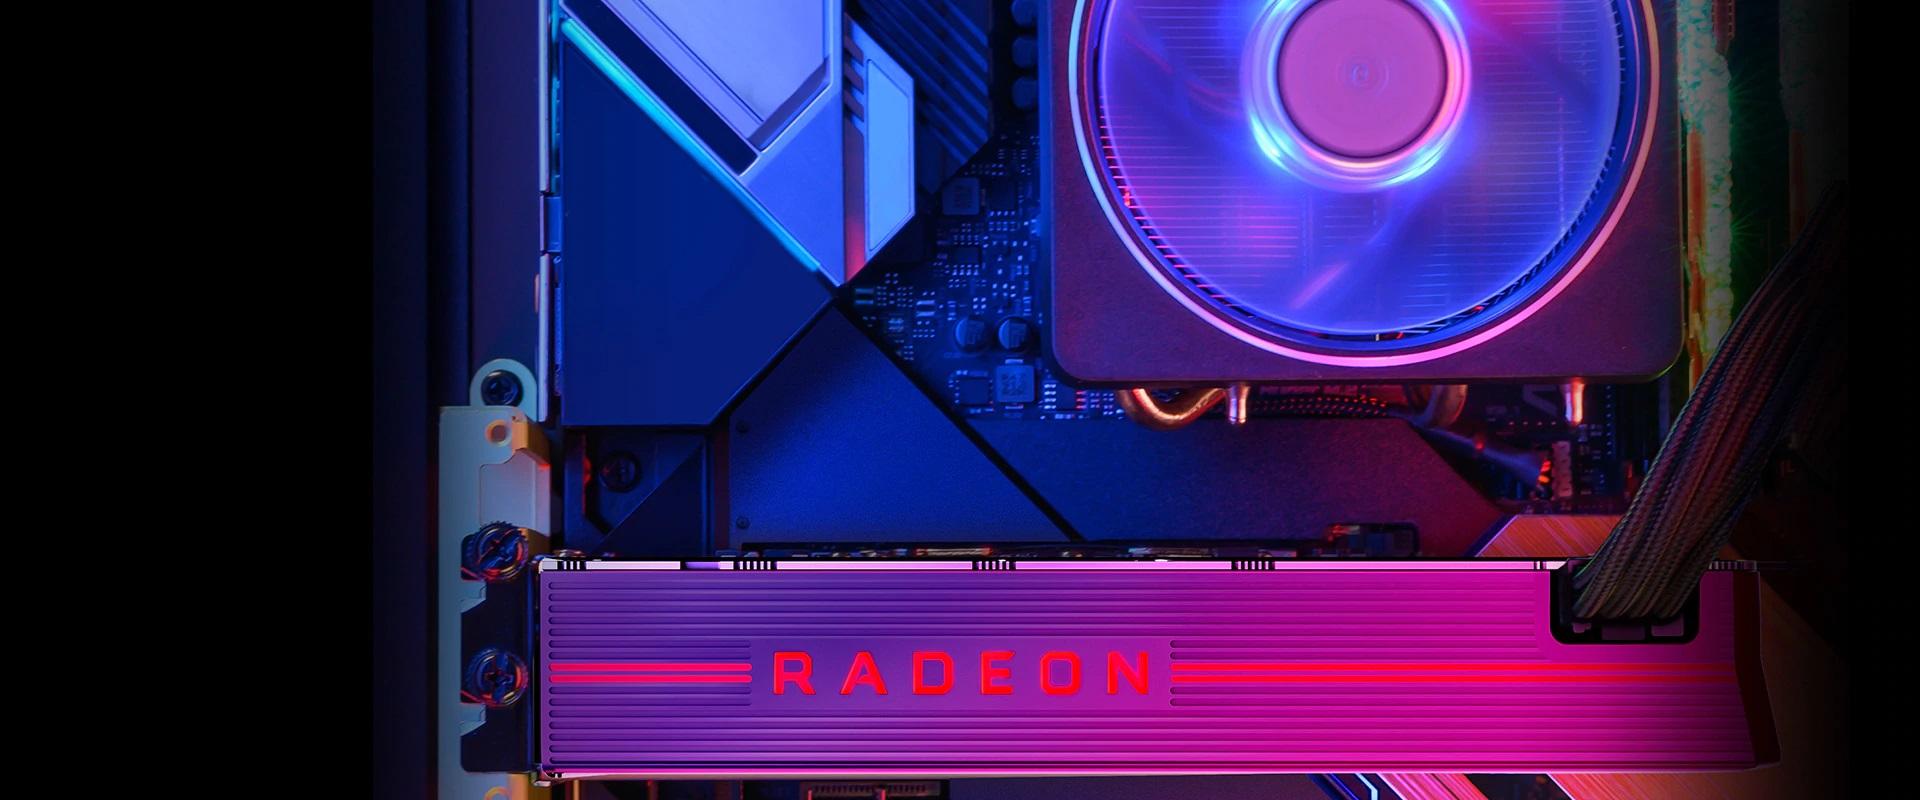 AMD Secara Diam-diam Meluncurkan Radeon RX 5300 3 GB Graphics Card, Menampilkan Navi 14 GPU Dengan 1408 Core